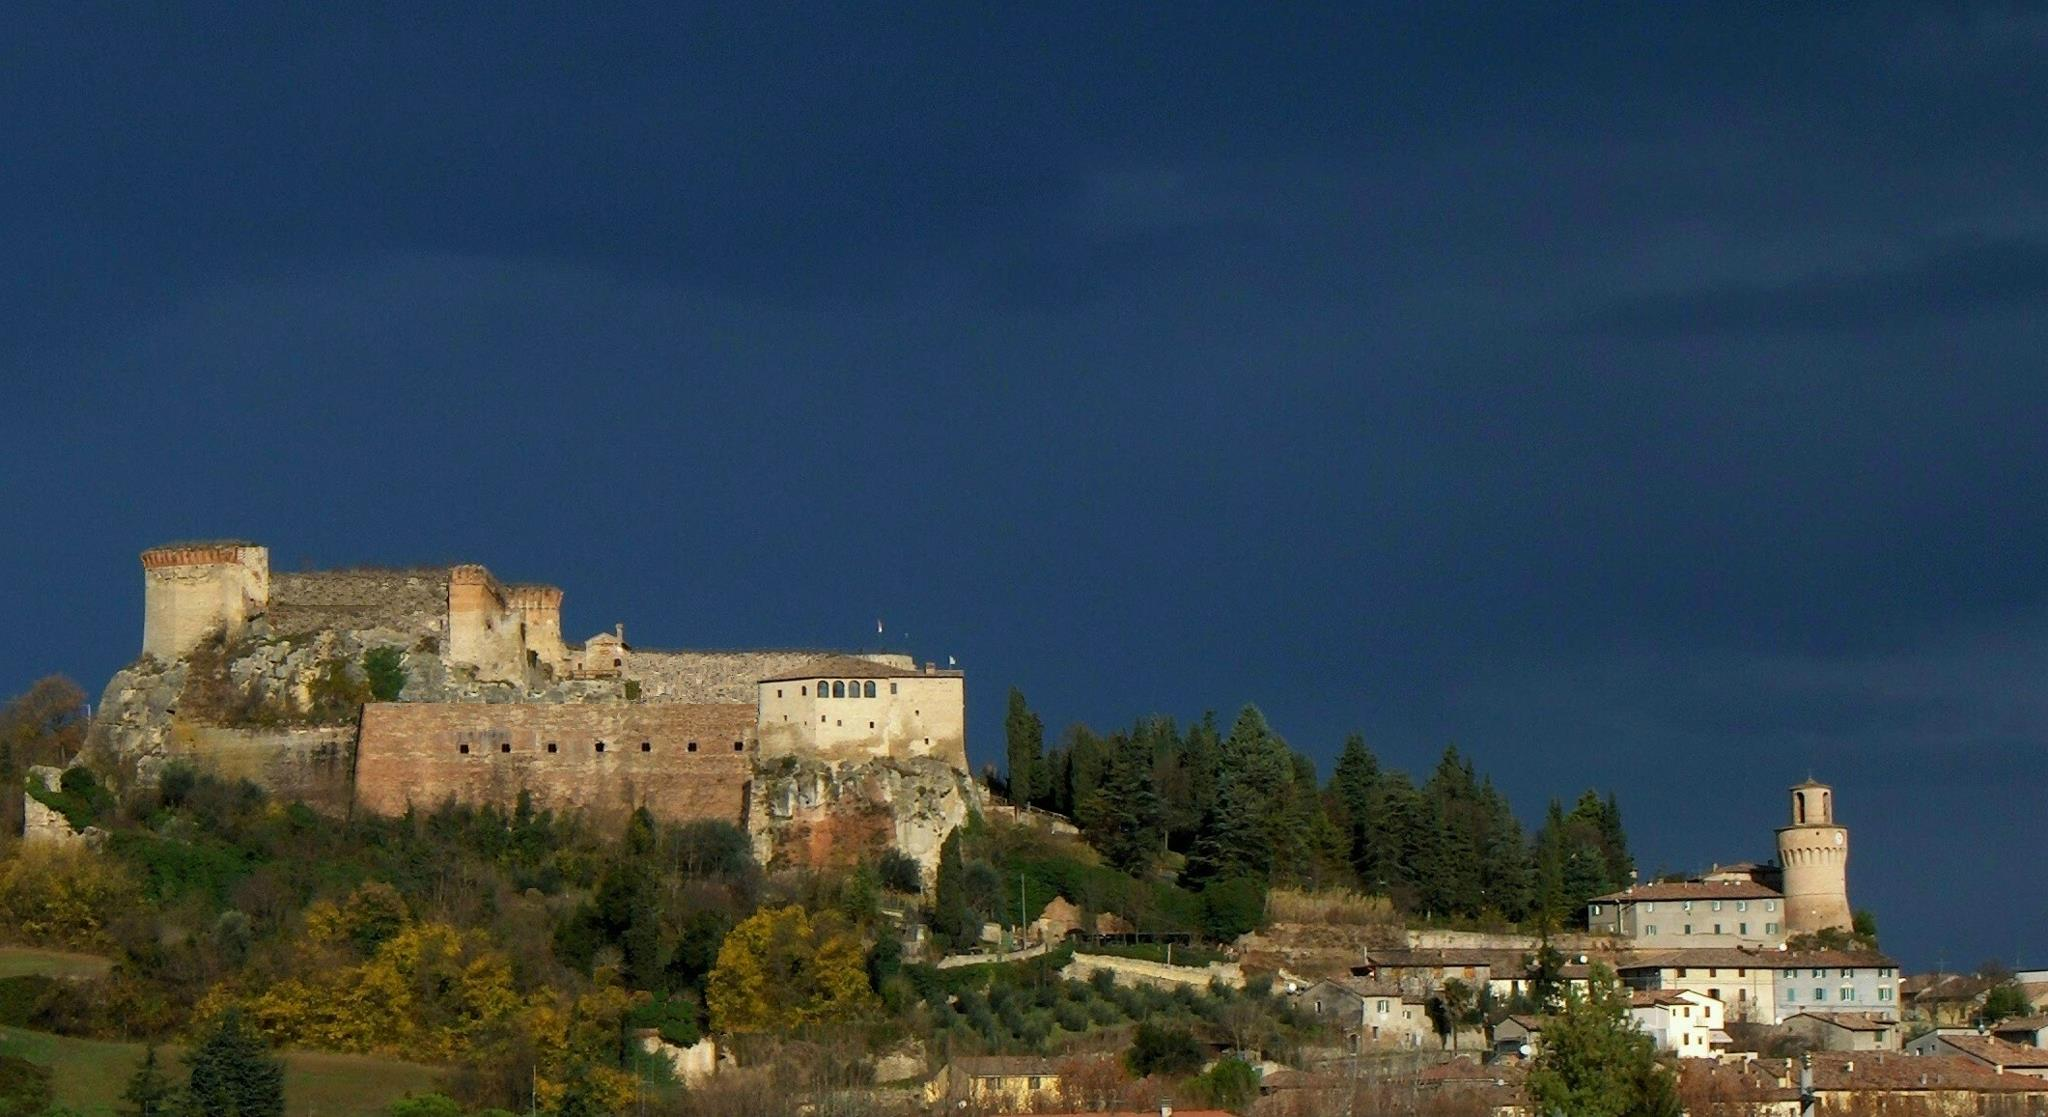 Borgo-Medievale-e-Fortezza-di-Castrocaro